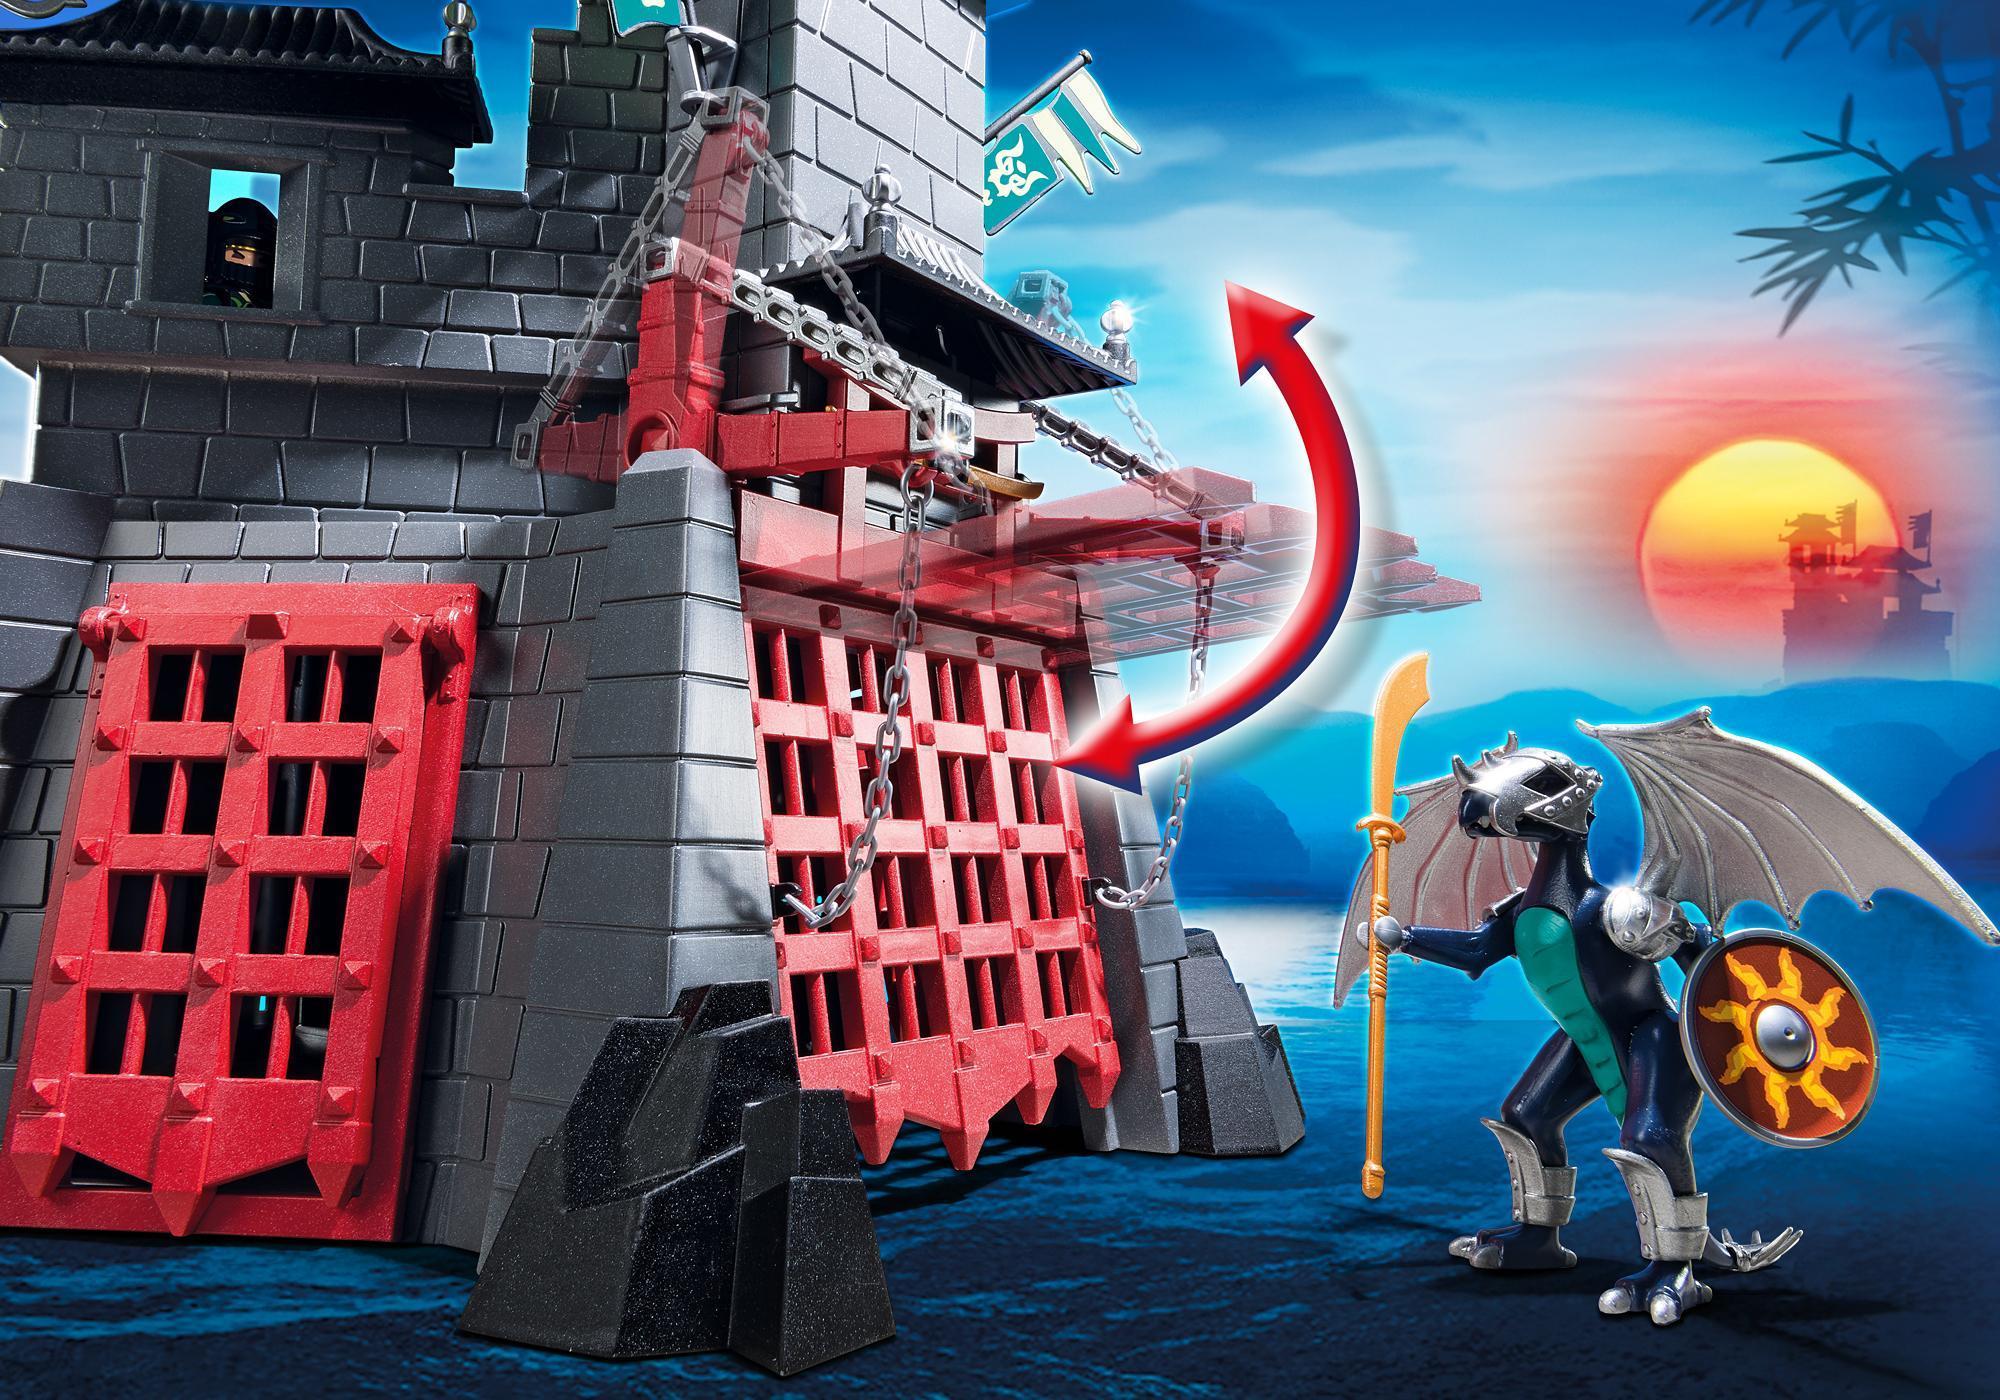 http://media.playmobil.com/i/playmobil/5480_product_extra3/Tajemnicza smocza twierdza